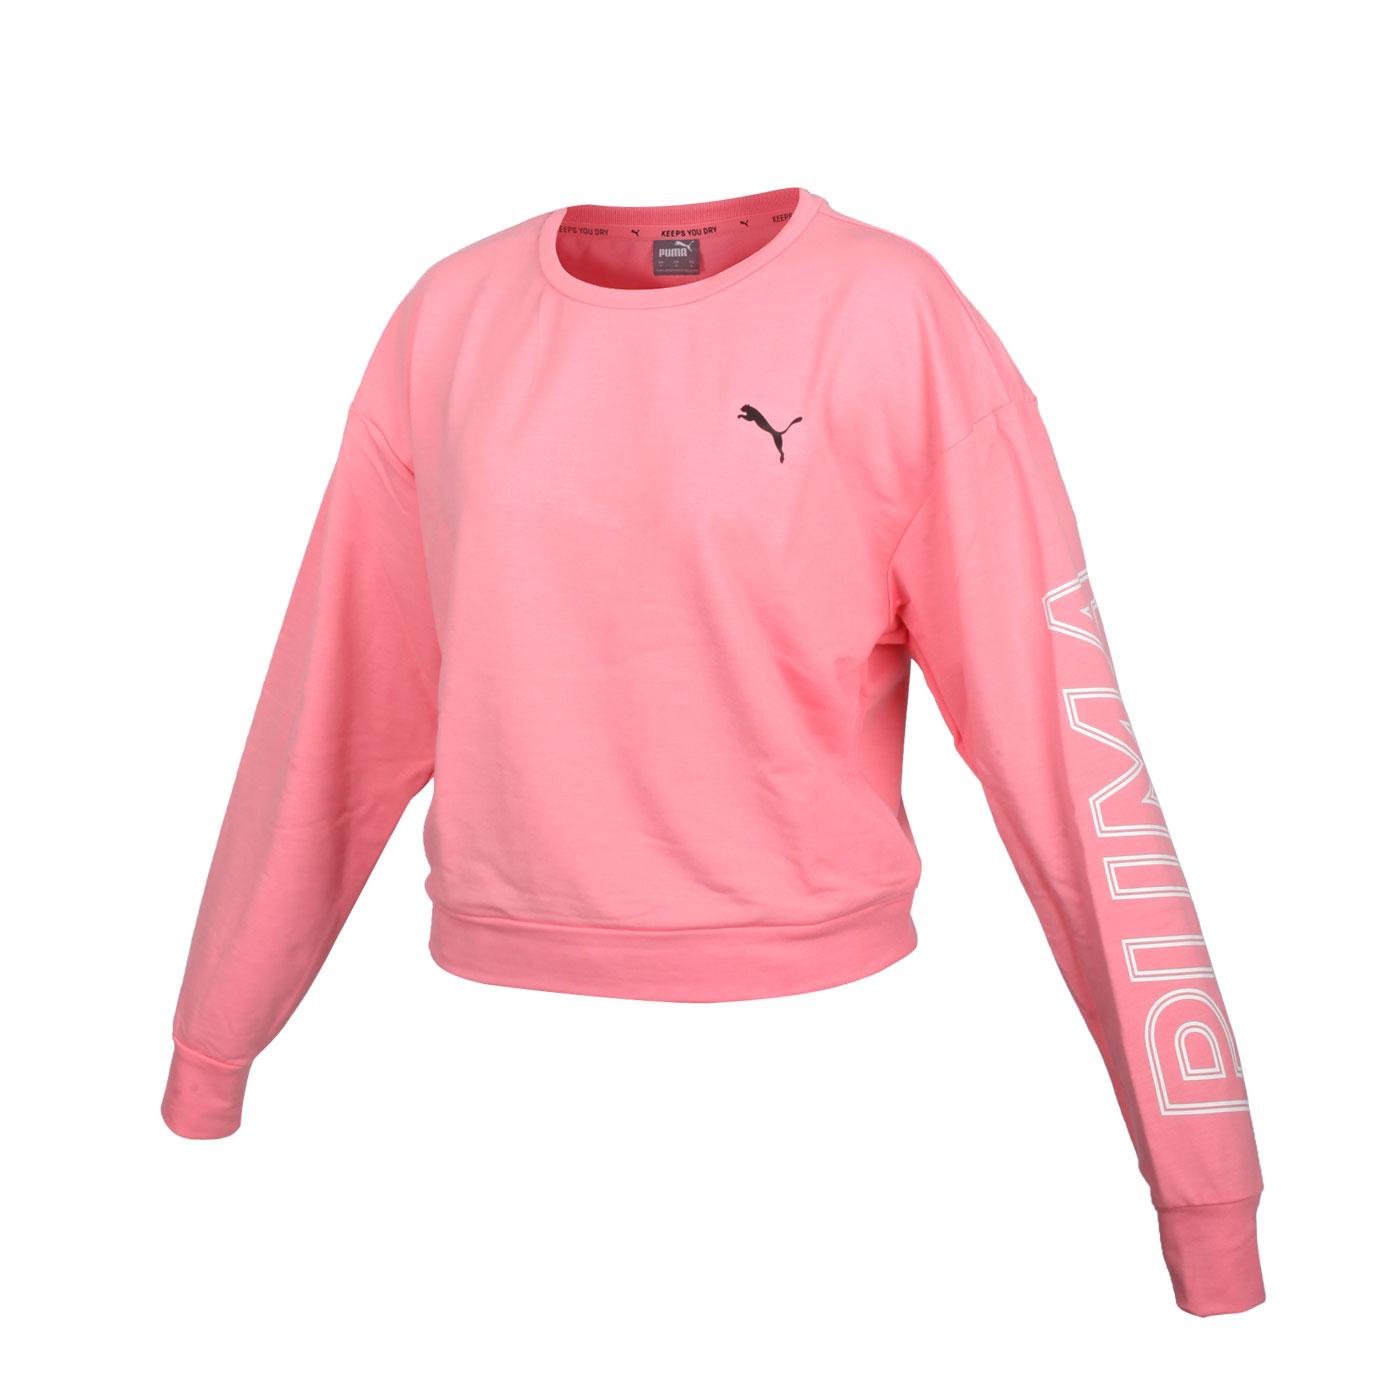 PUMA 女款基本系列短版長袖T恤 58353927 - 粉紅黑